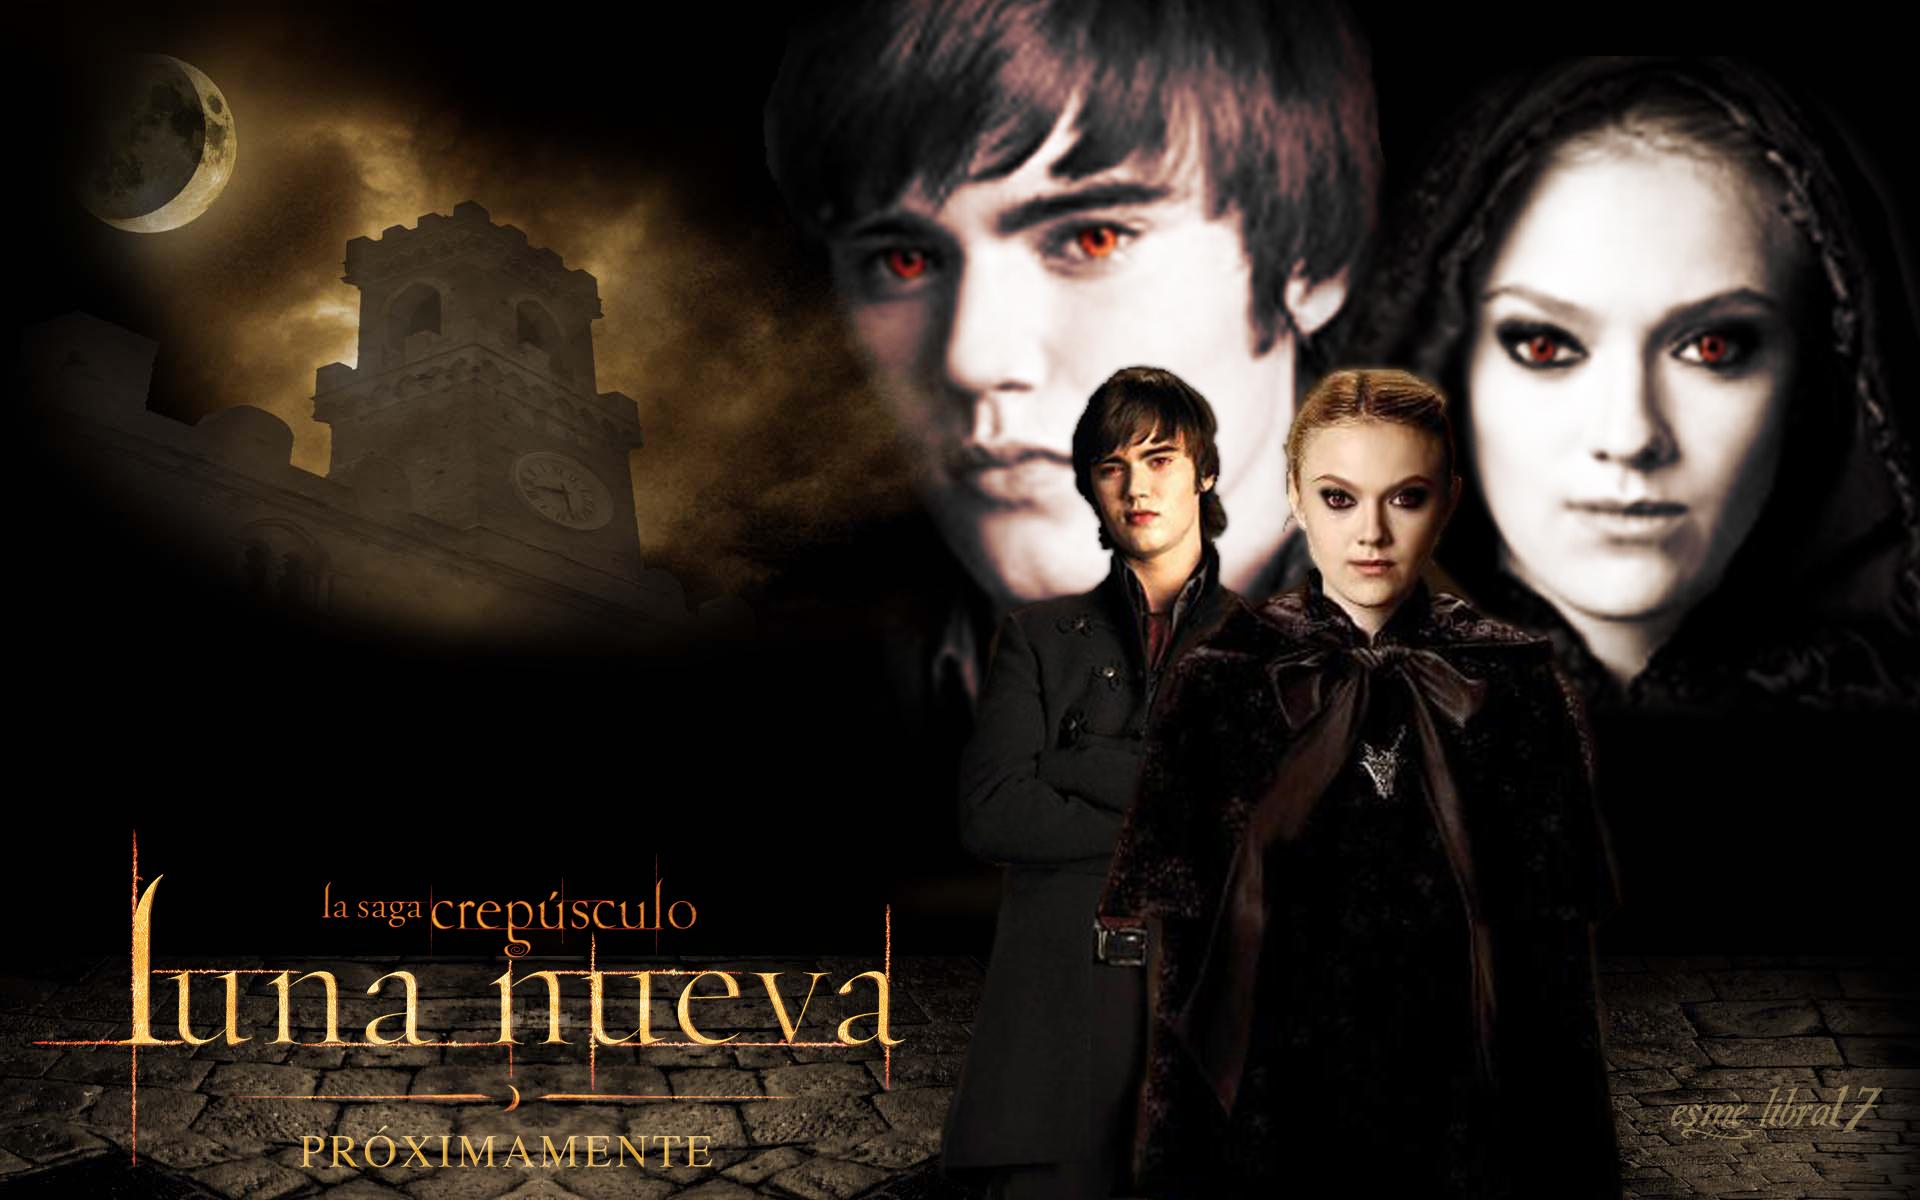 Los volturi alec y jane luna nueva wallpaper for New moon vampire movie